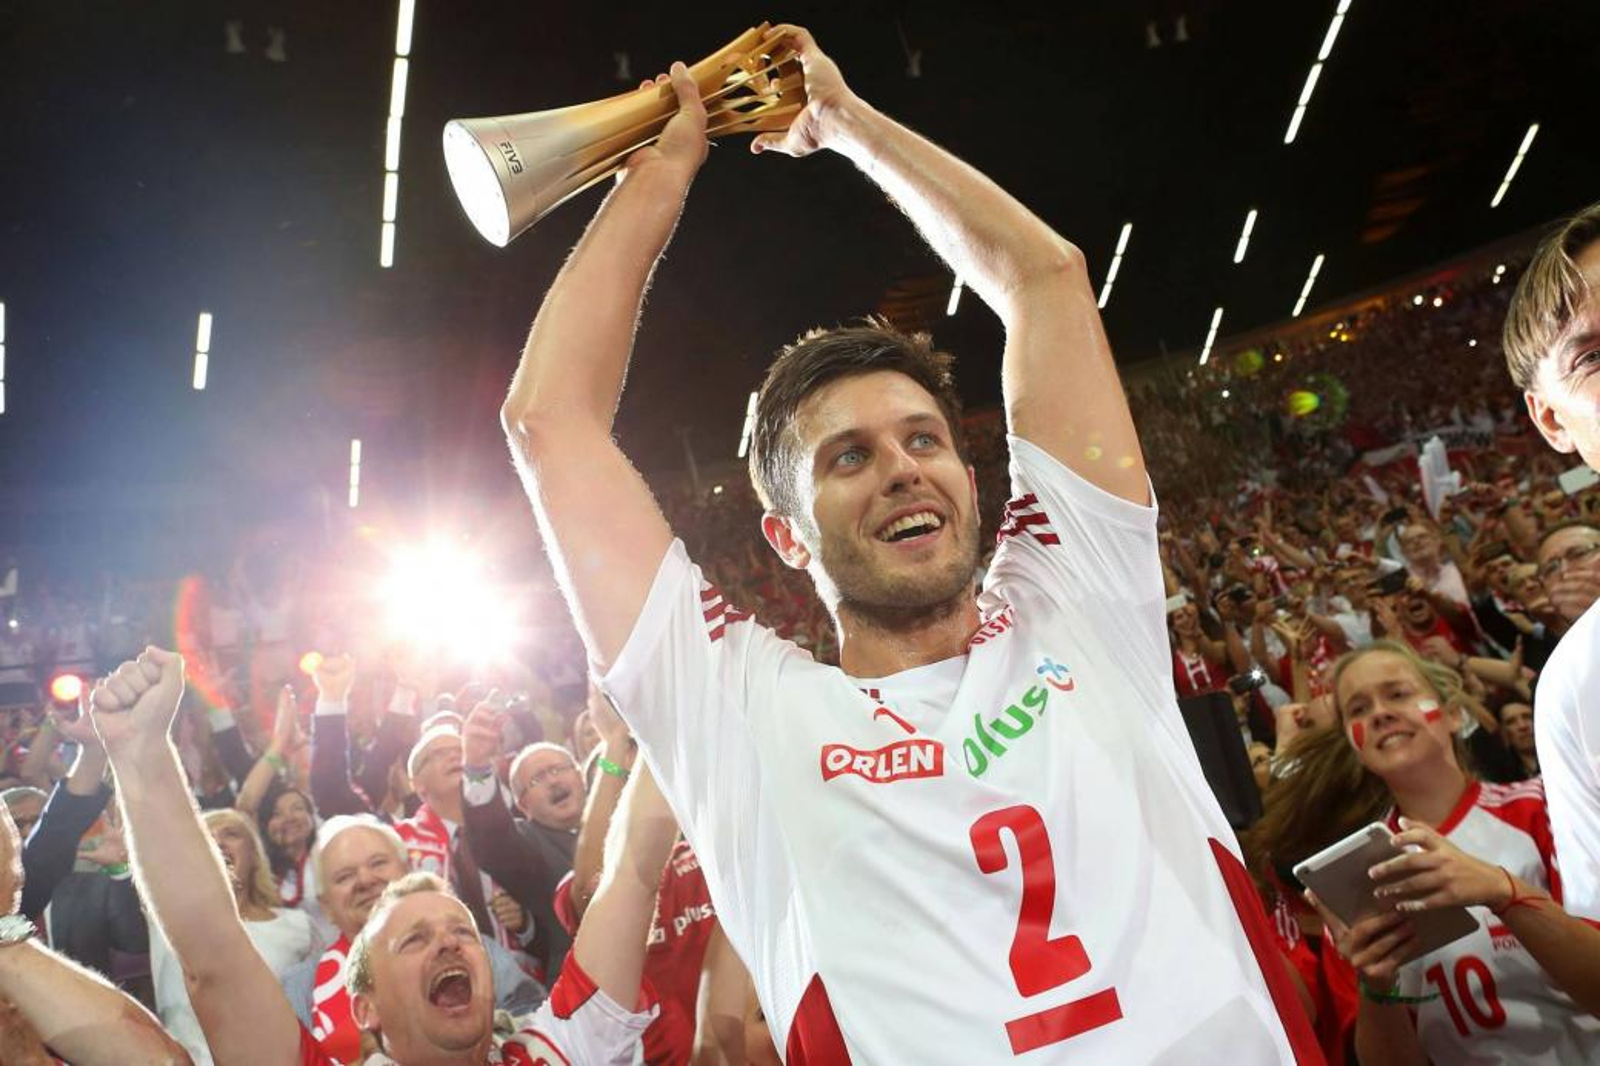 Michał Winiarski - Winiar - Michał Jerzy Winiarski (nacido el 28 de septiembre de 1983 en Bydgoszcz) - Jugador de voleibol pola